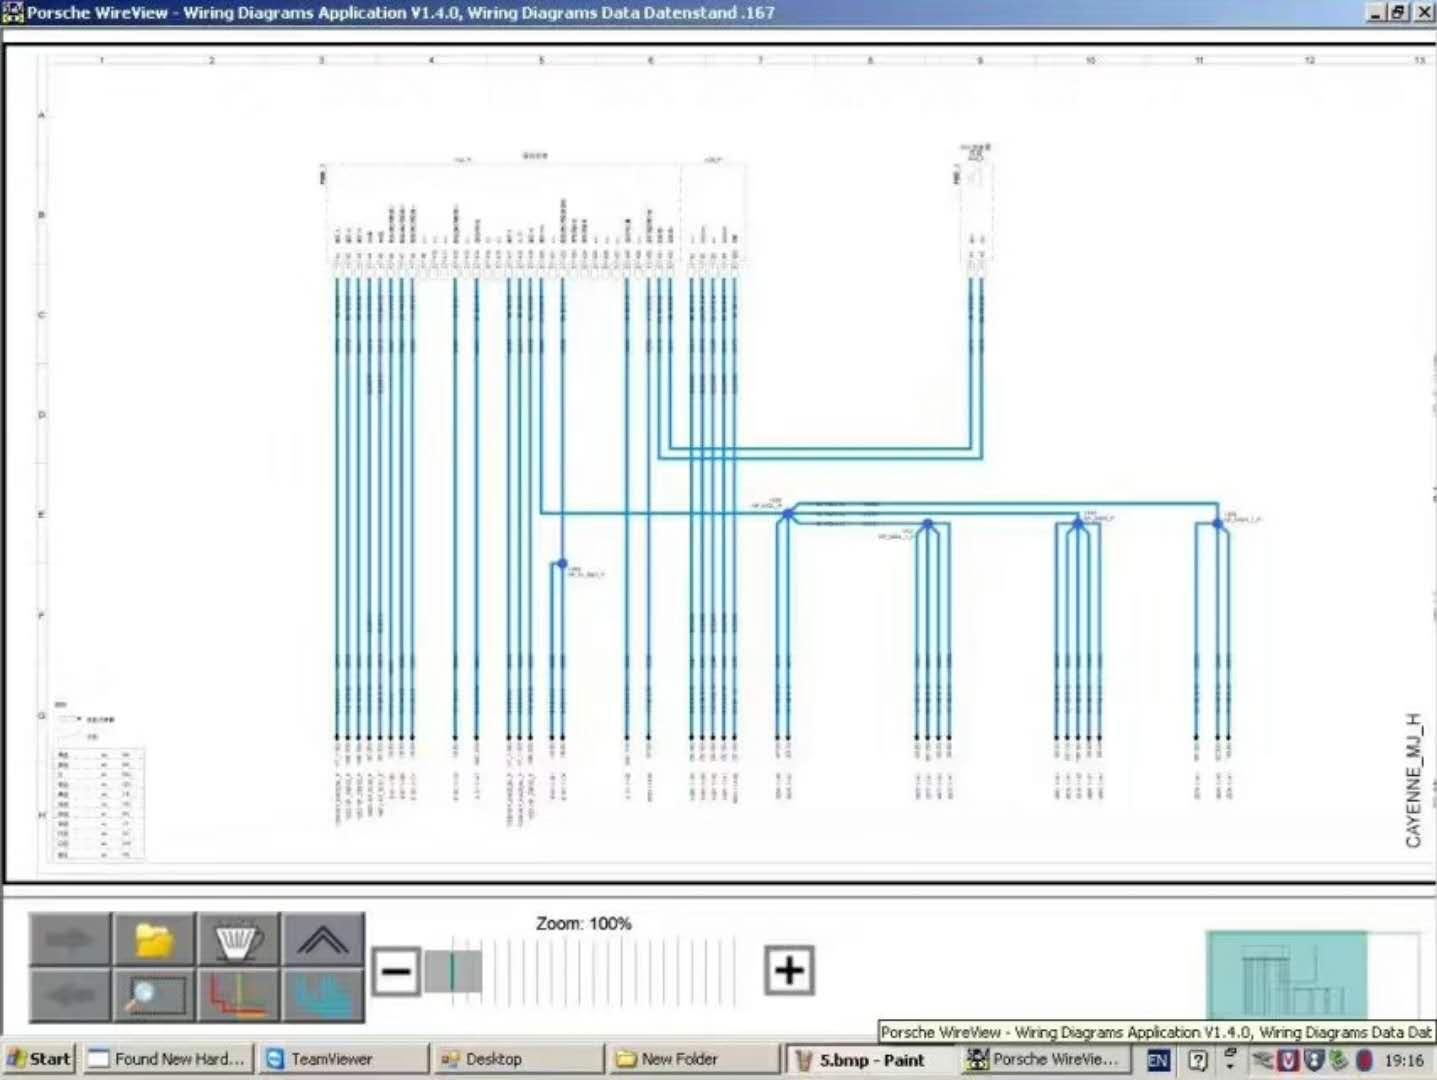 V18 150 500 Porsche Piwis Software Download Lastest Porsche Piwis Ii Software Hdd With Porsche